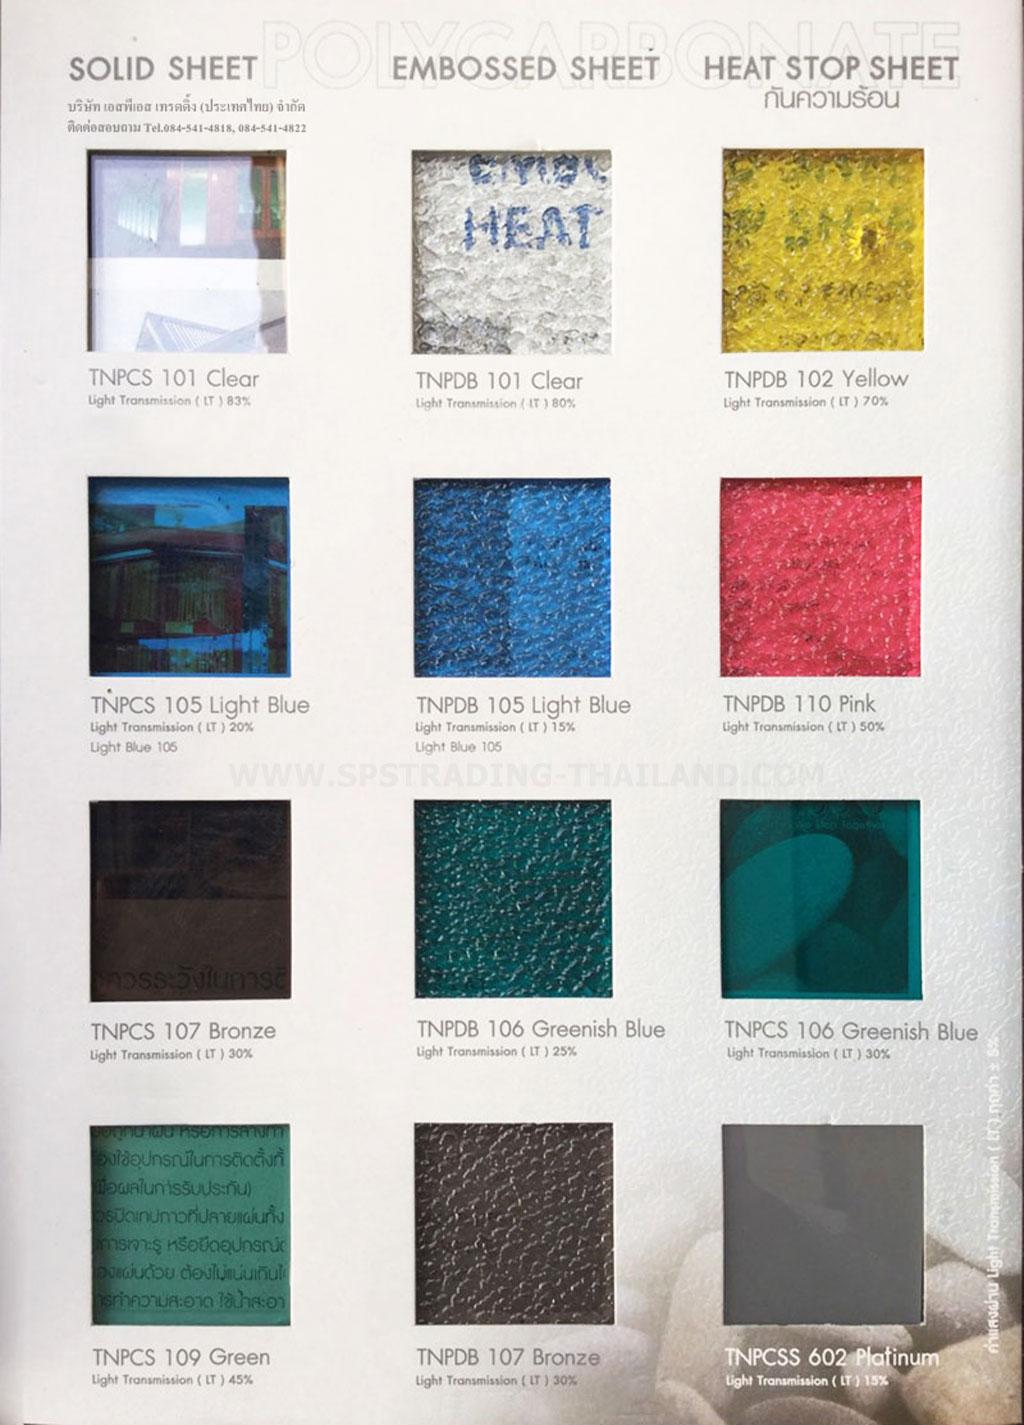 โพลีคาร์บอเนต แผ่นตันเรียบ Solid Sheet 2 มม.